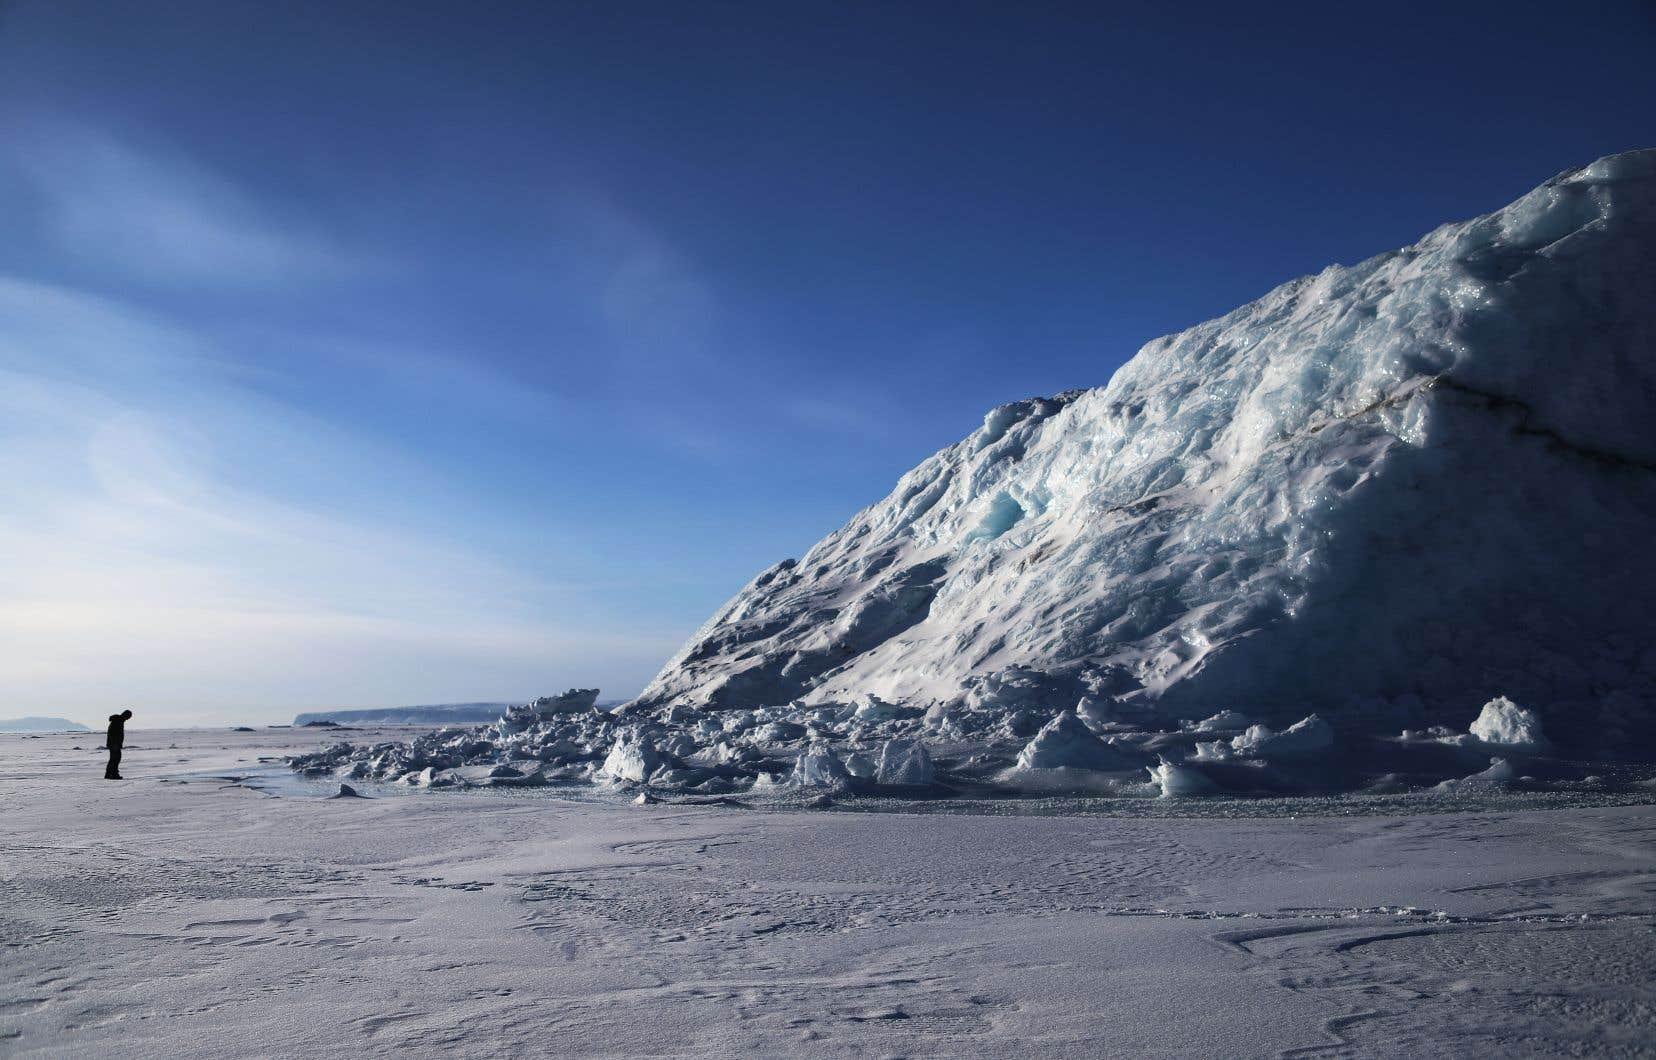 Dans la mesure où le Canada se préoccupe réellement des changements climatiques, il ne devrait évidemment pas être le premier à exploiter ces ressources arctiques.